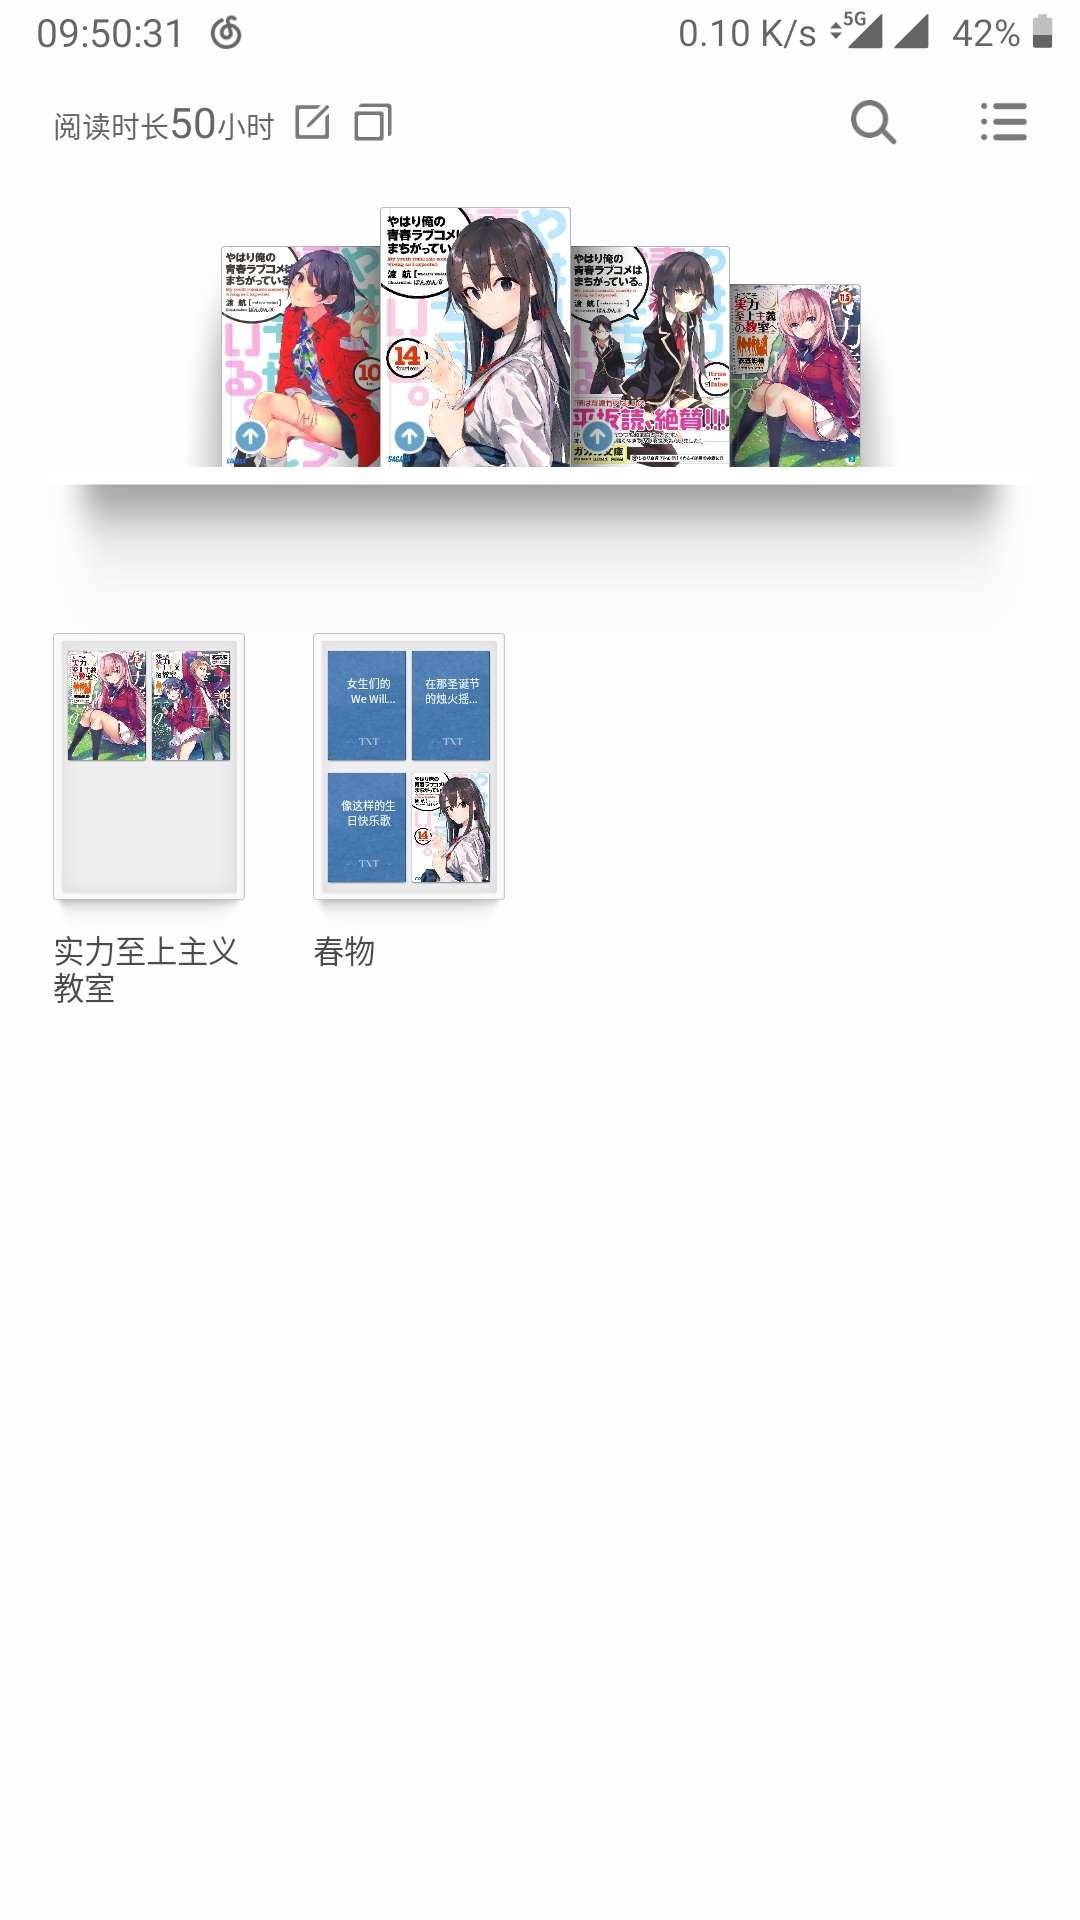 【资源分享】[我的青春恋爱物语果然有问题]epub小说-小柚妹站